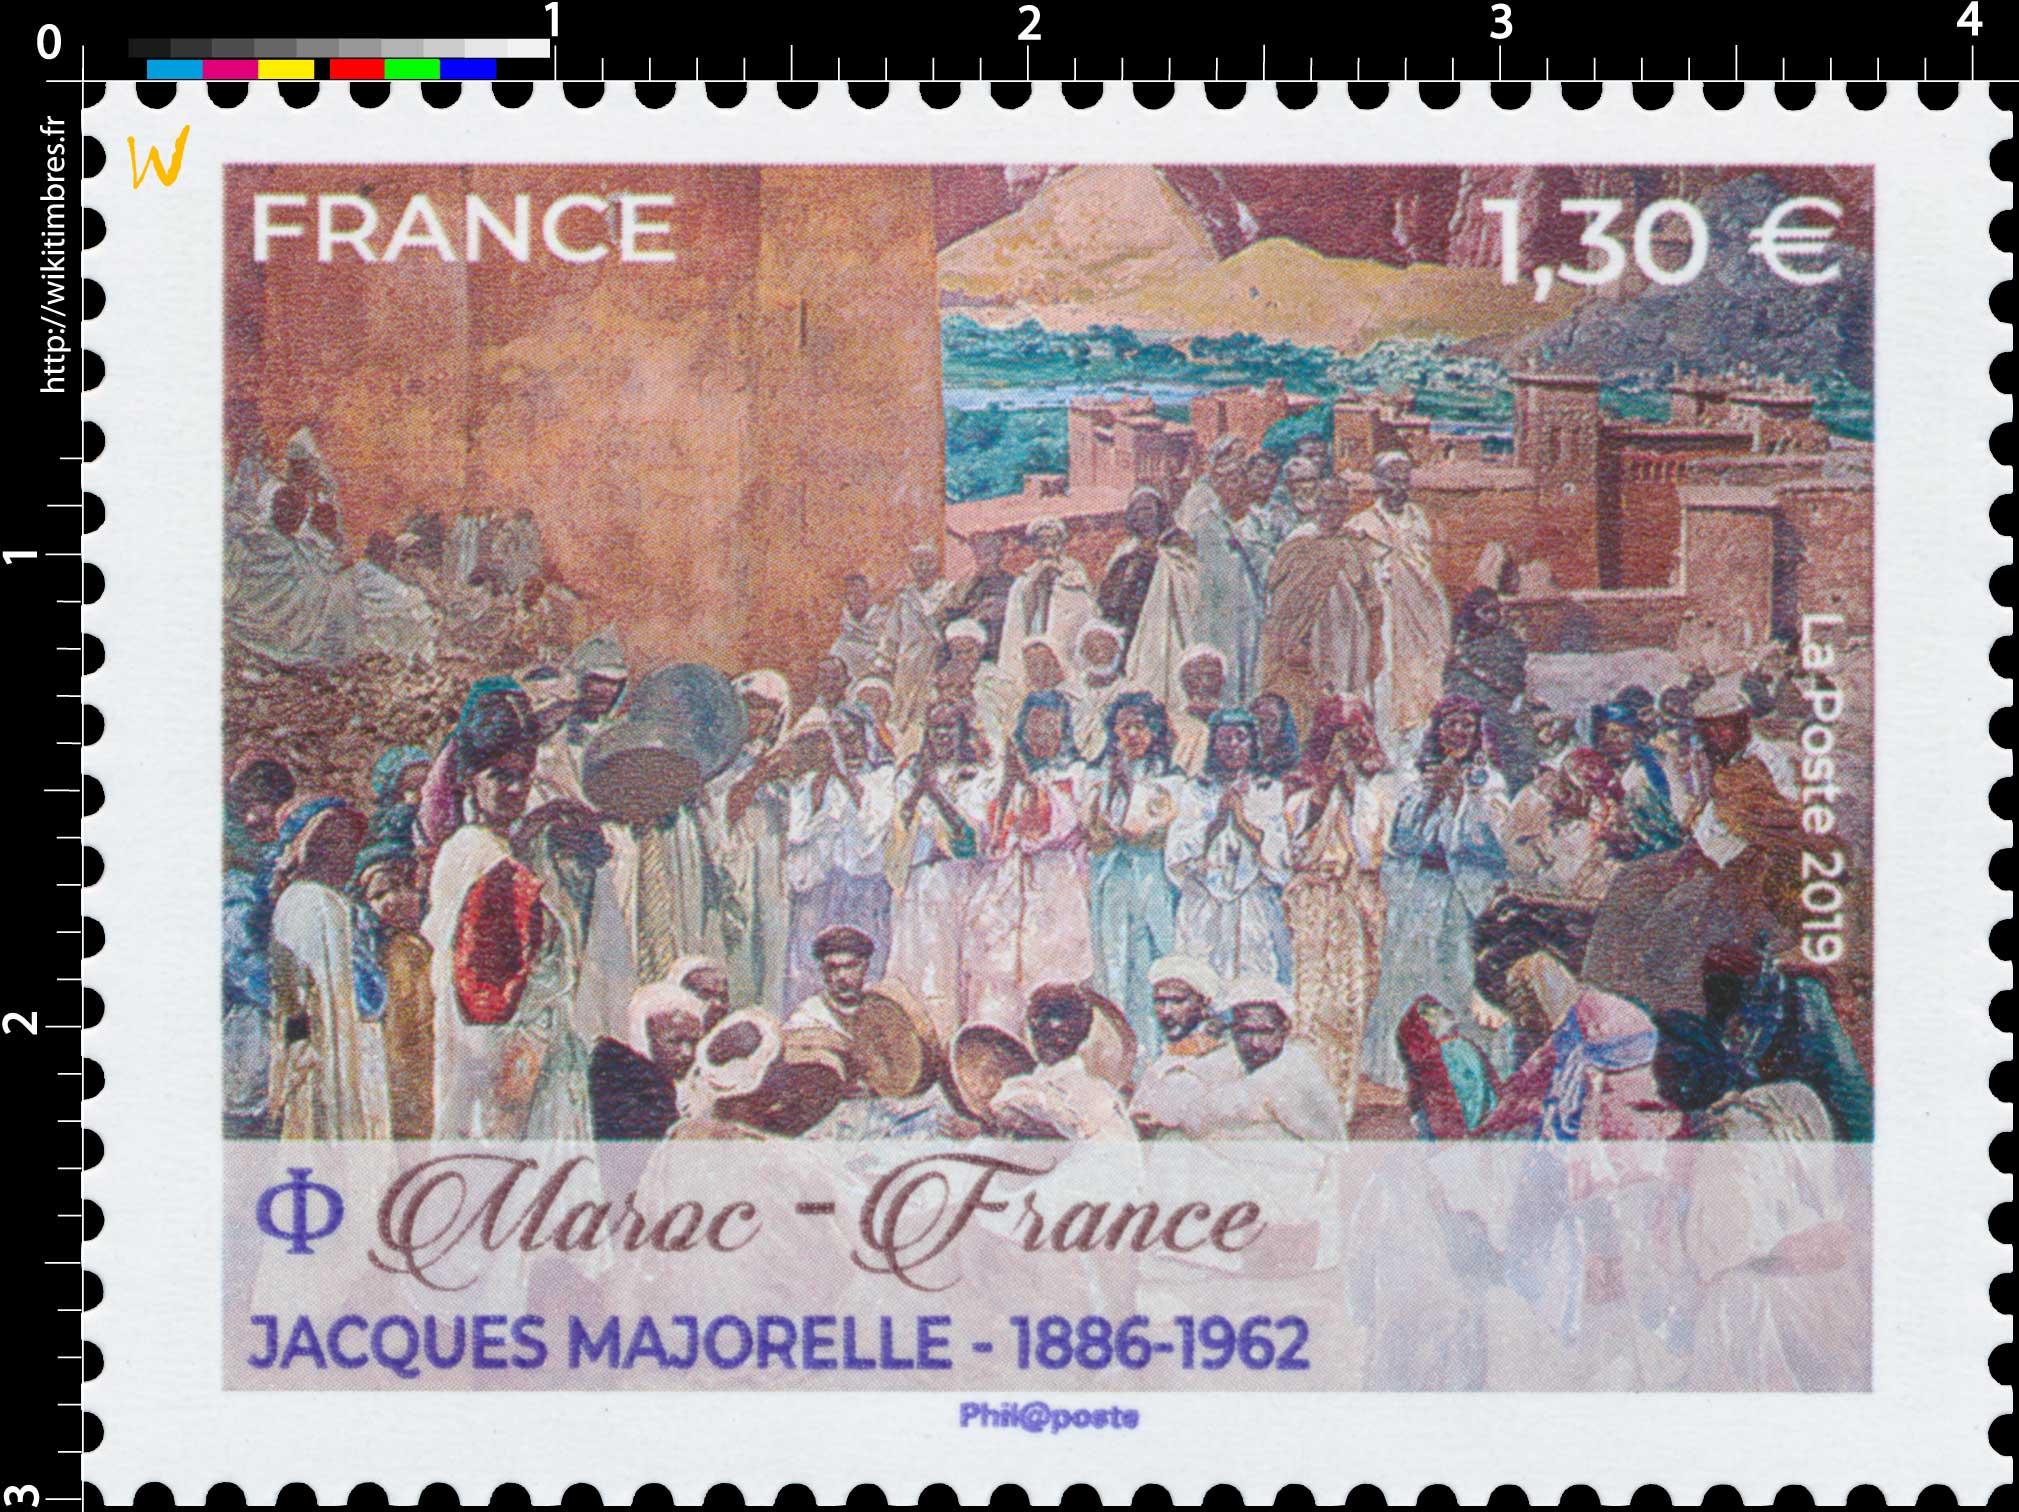 2019 Maroc - France Jacques Majorelle 1886-1962